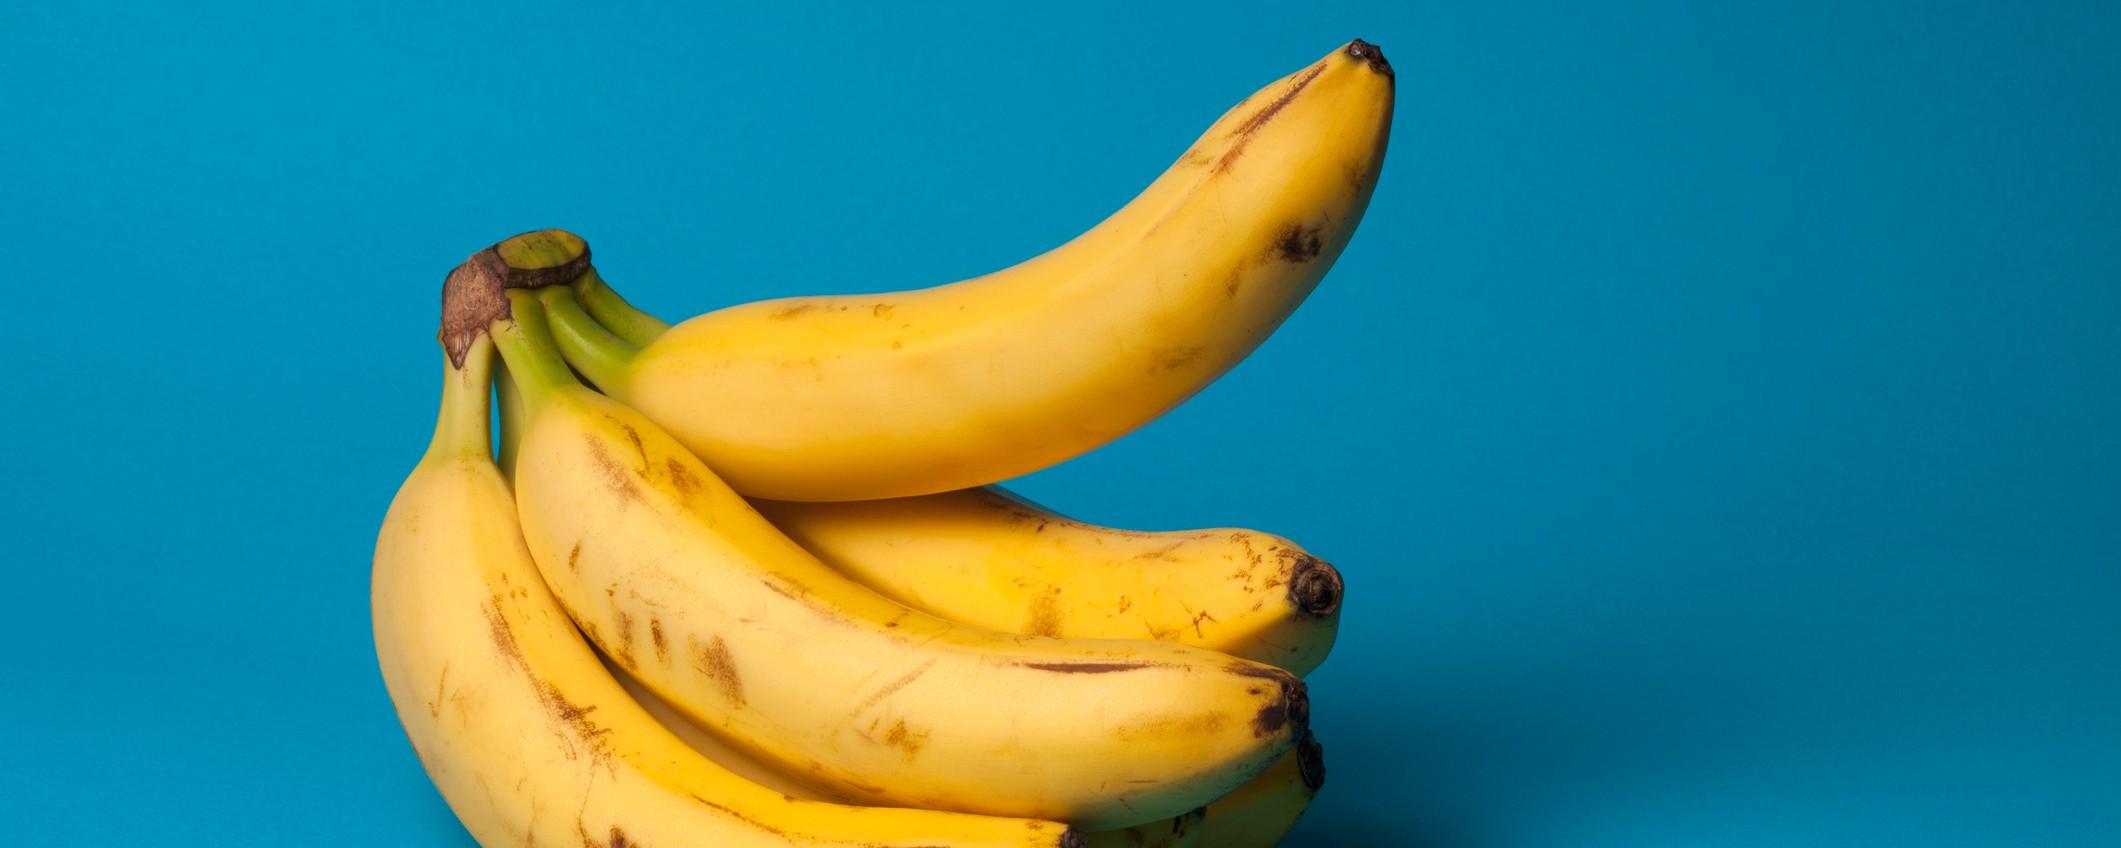 fără erecții dimineața cremă pentru bărbați penis